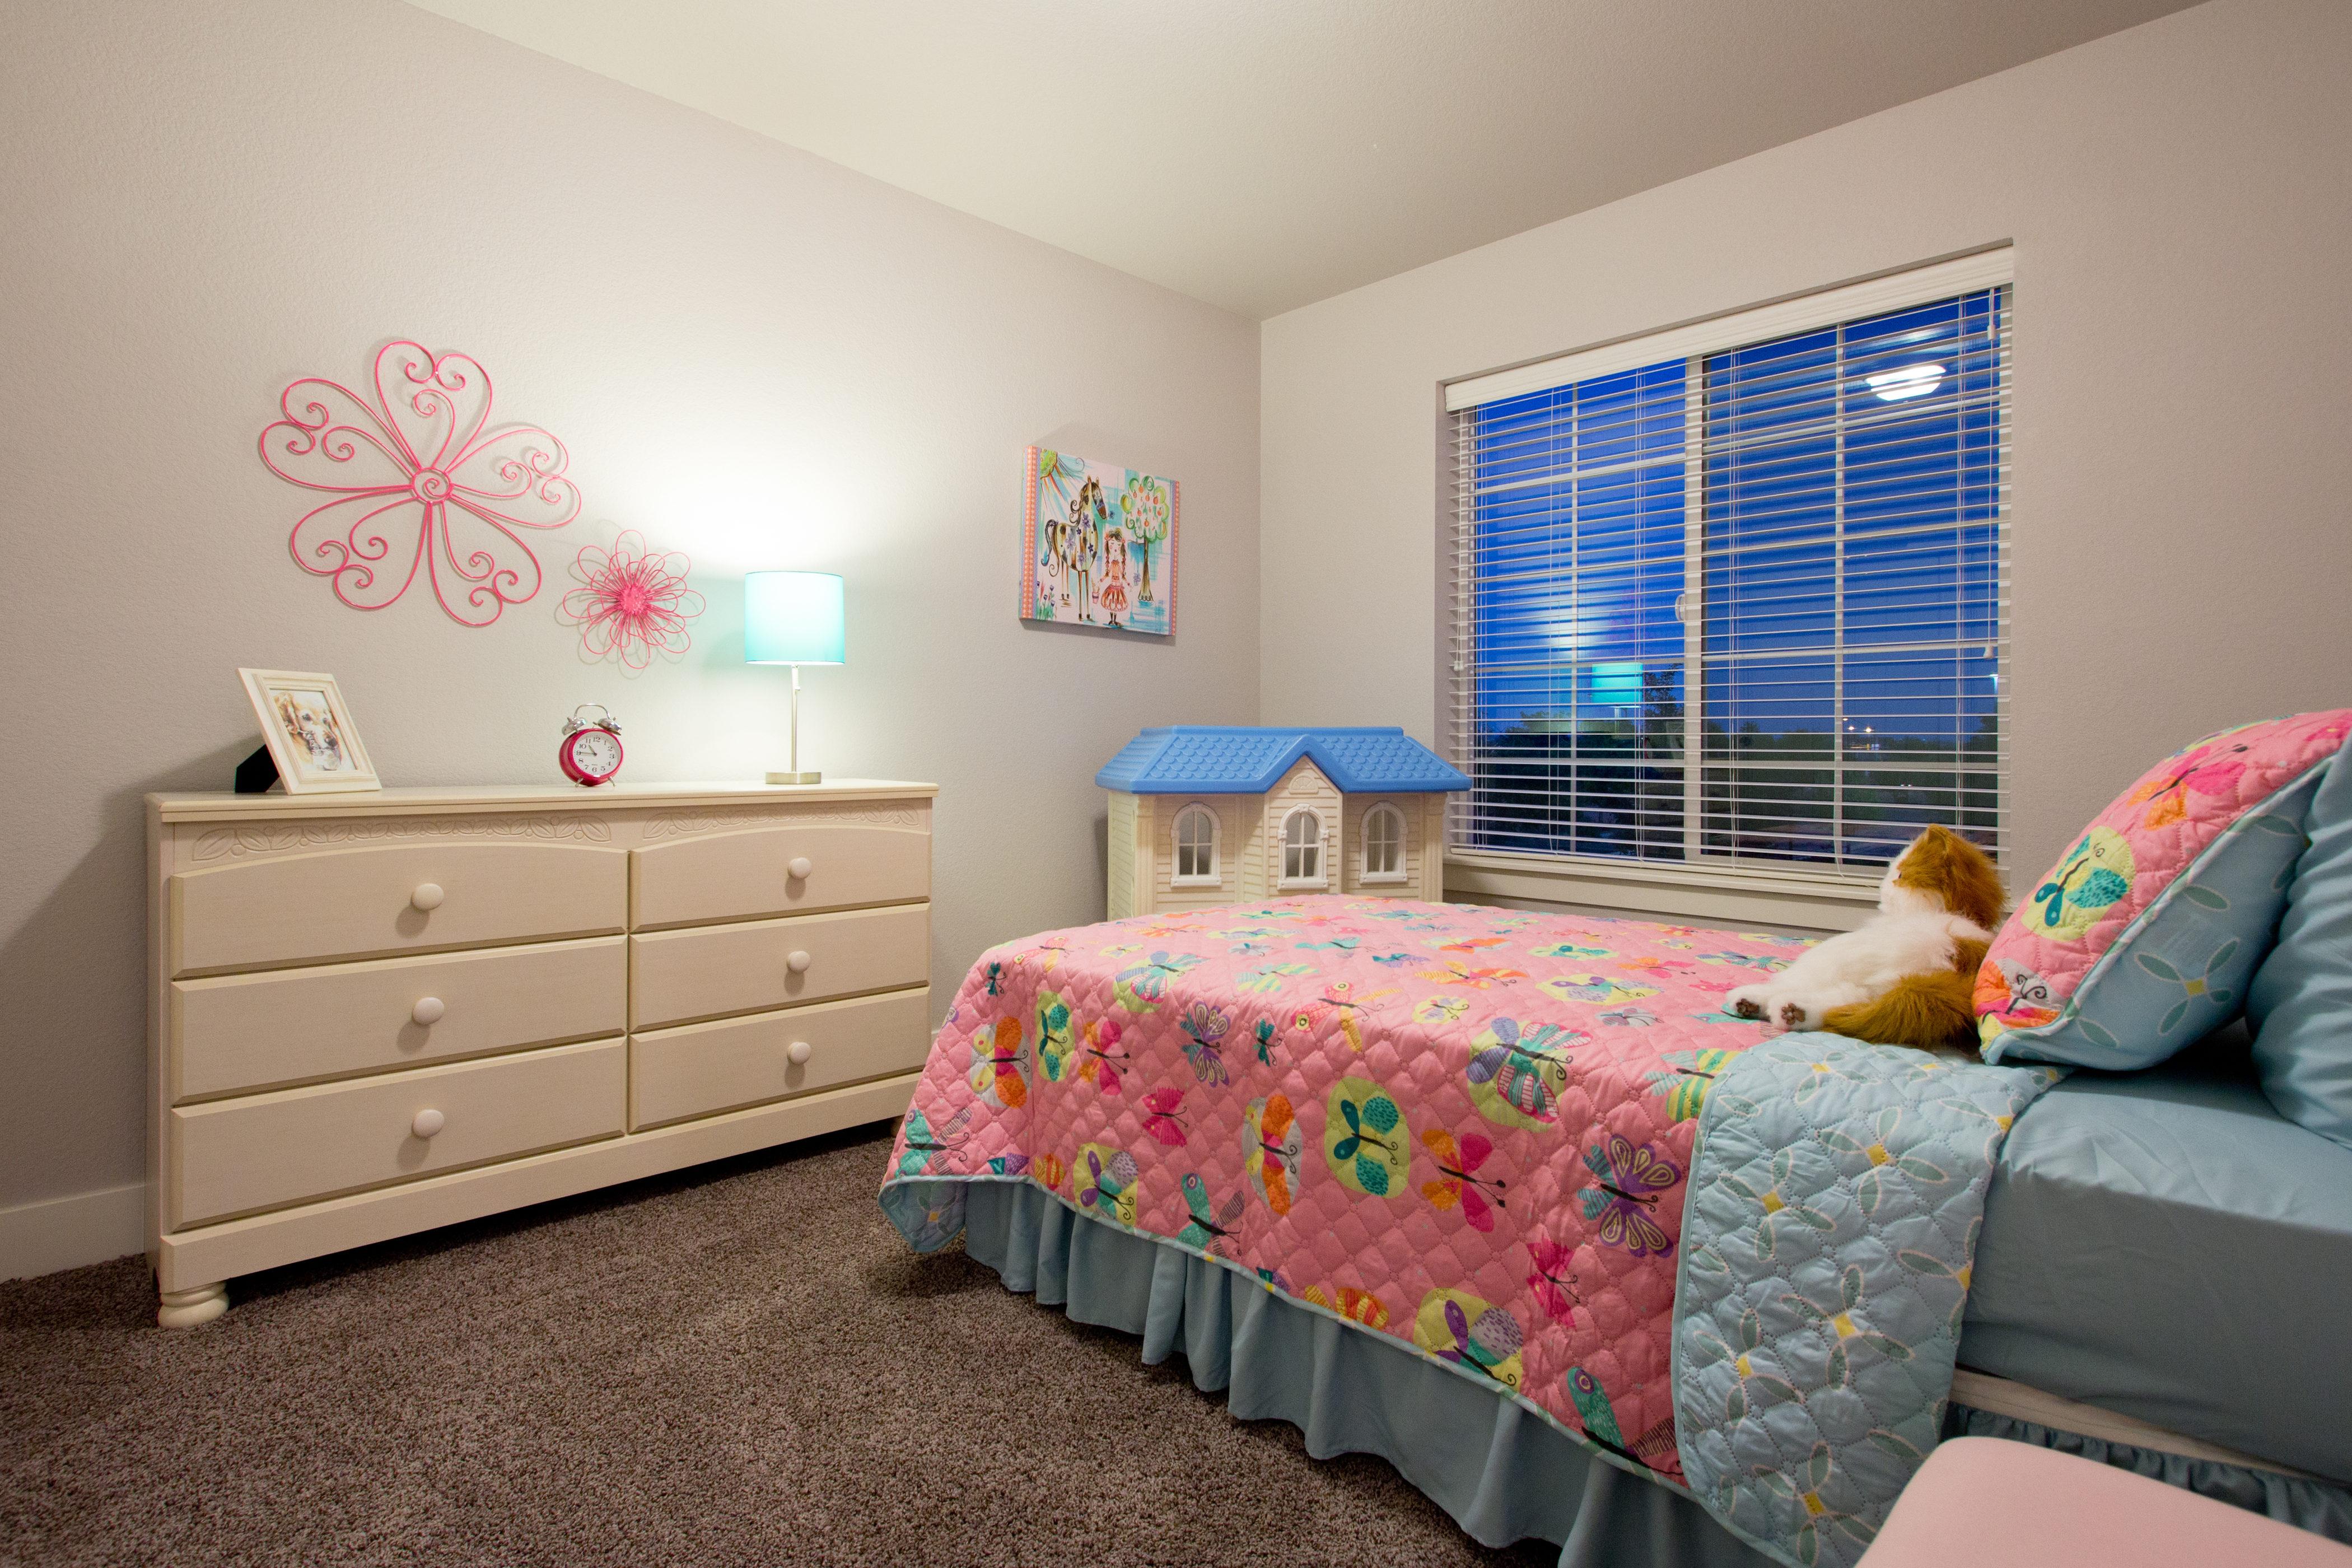 22-montrose-fort_collins-bedroom_3-dream_homes_for_sale